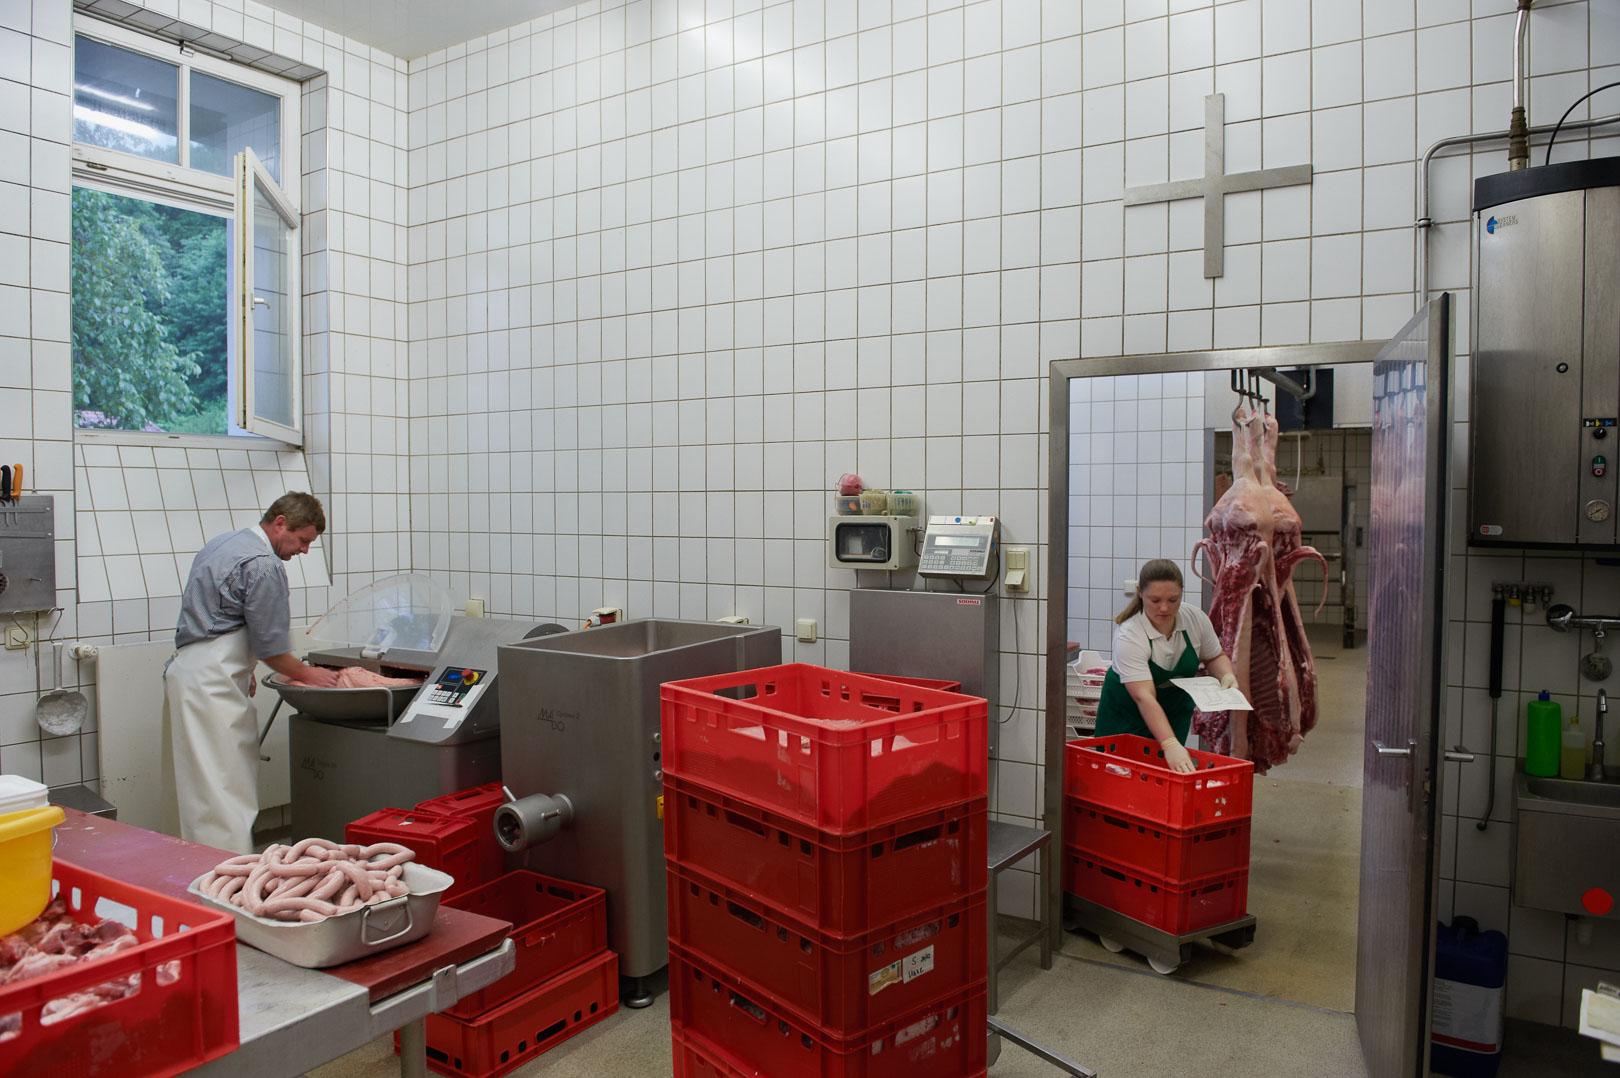 Links:Metzgermeister Michael König; Rechts: Franziska Bacherle in der Klostermetzgerei